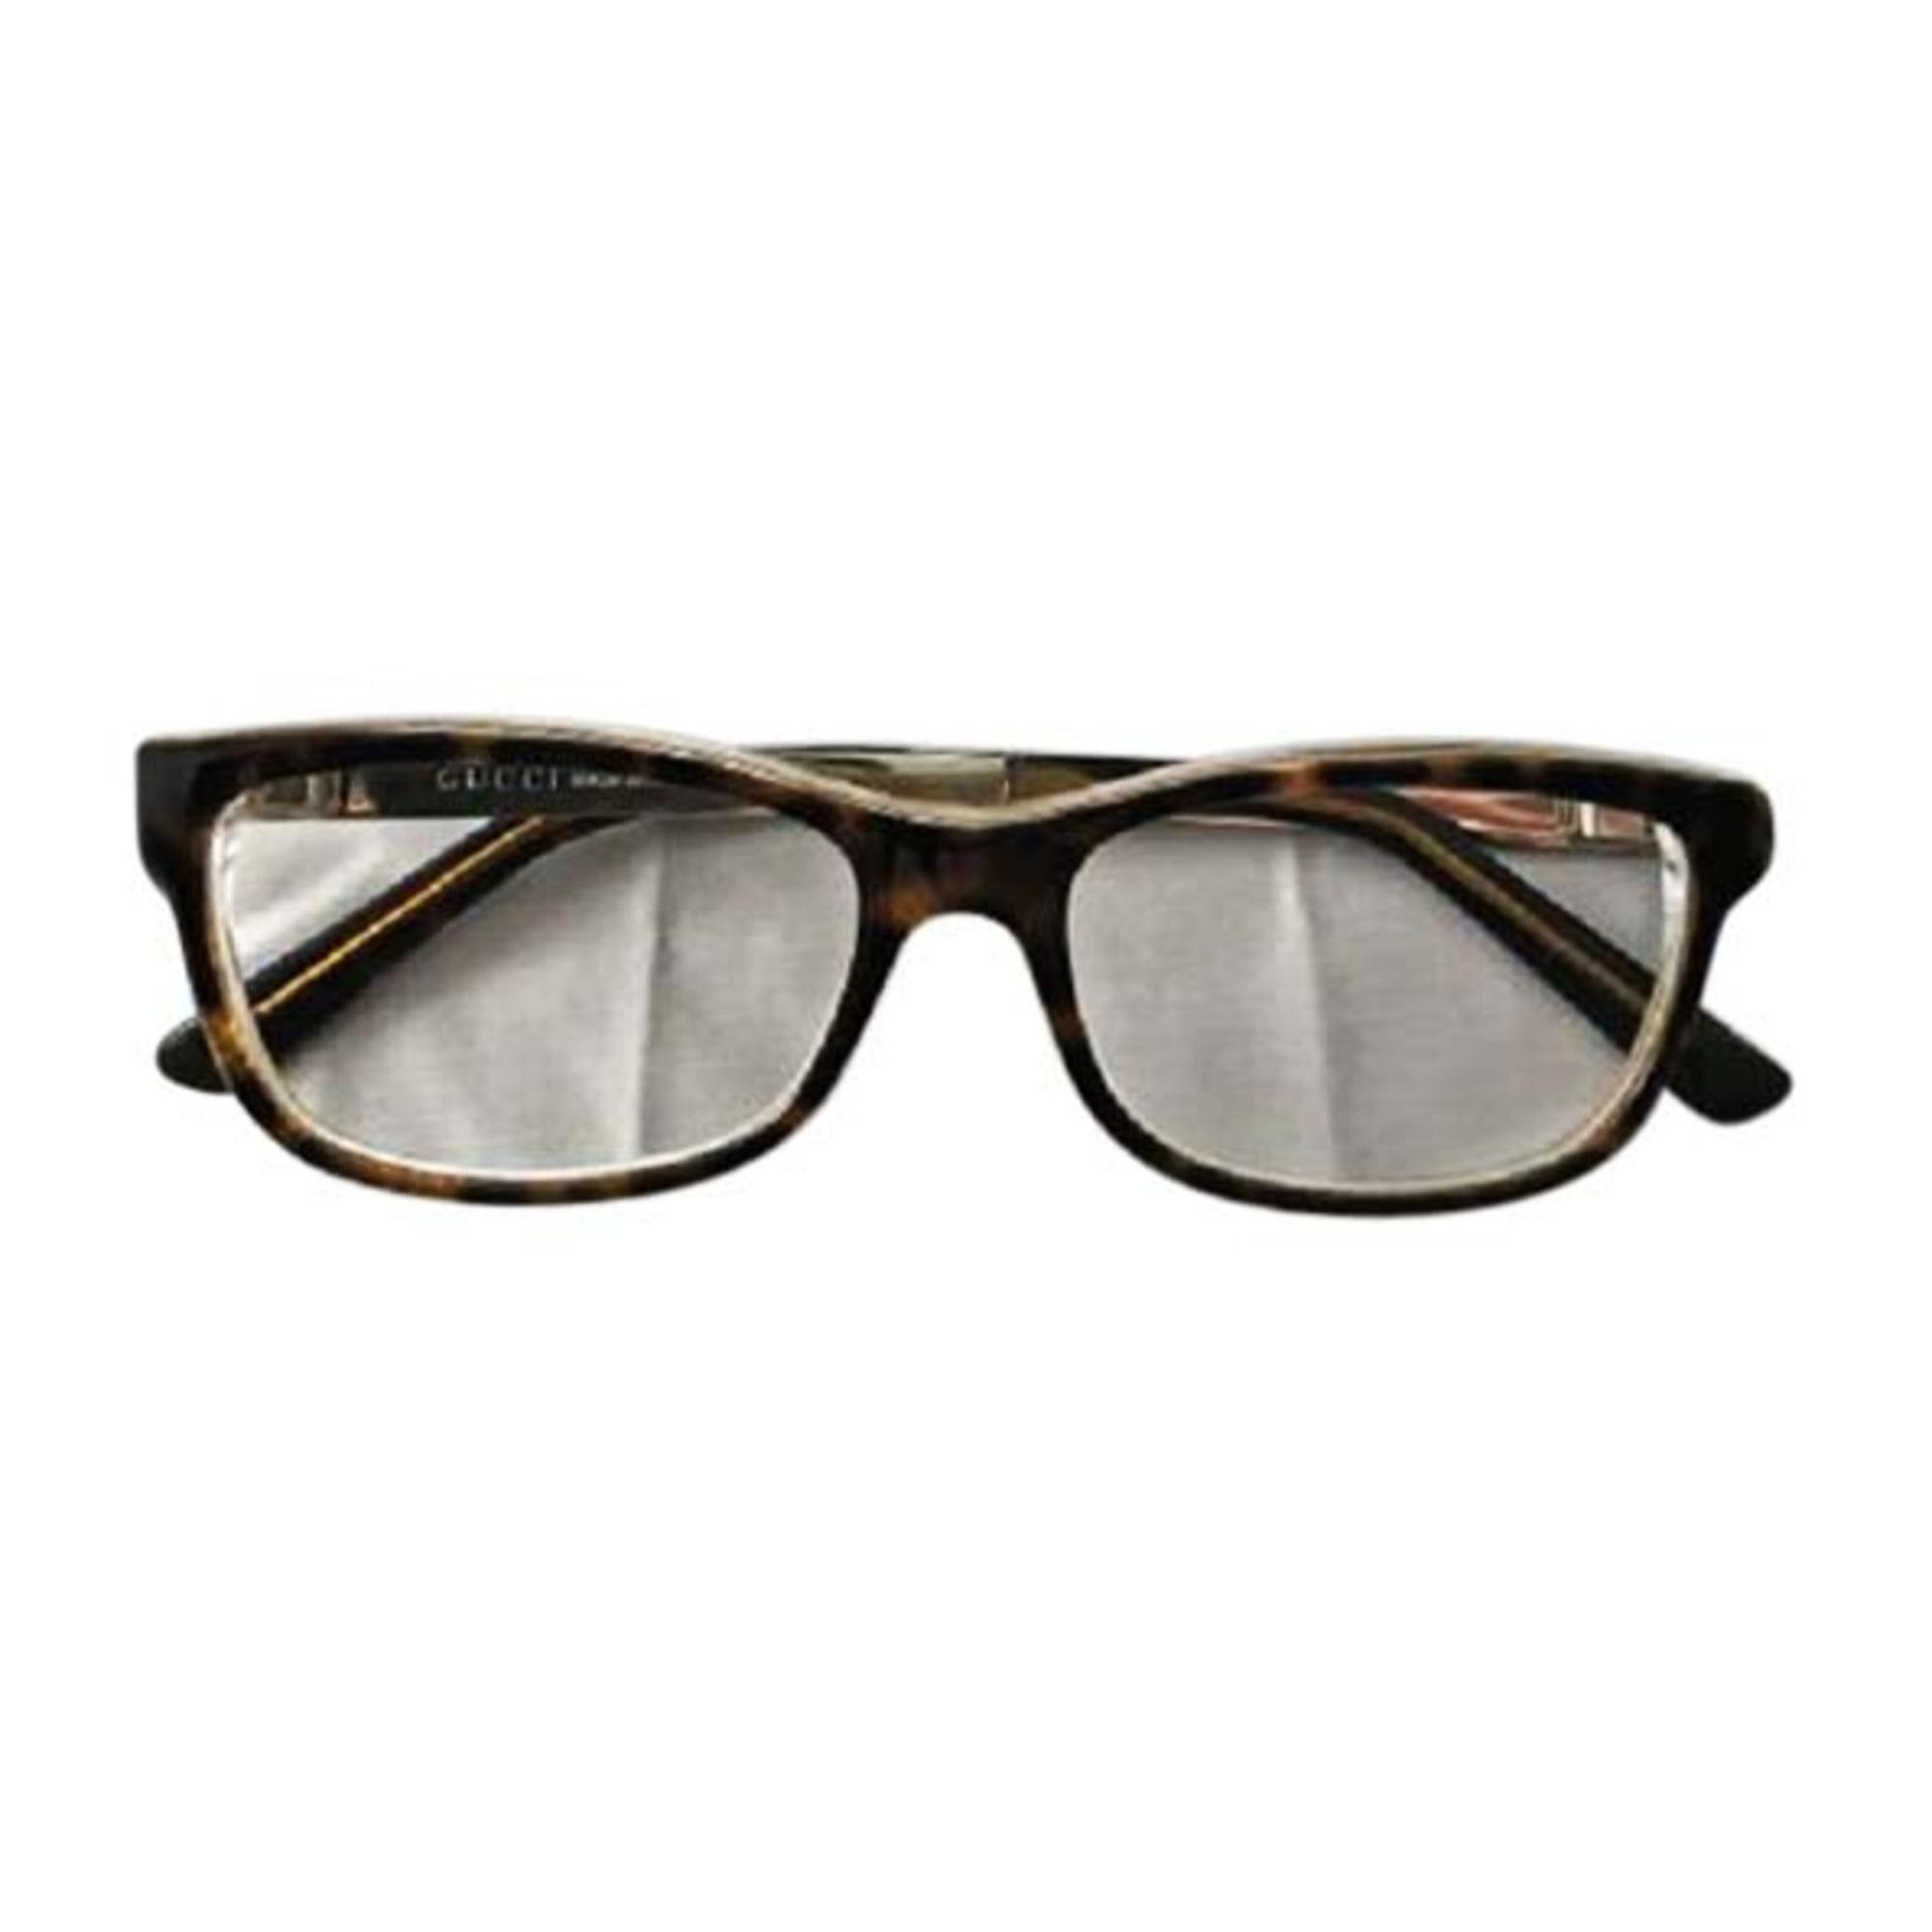 Brillen GUCCI braun - 6545934